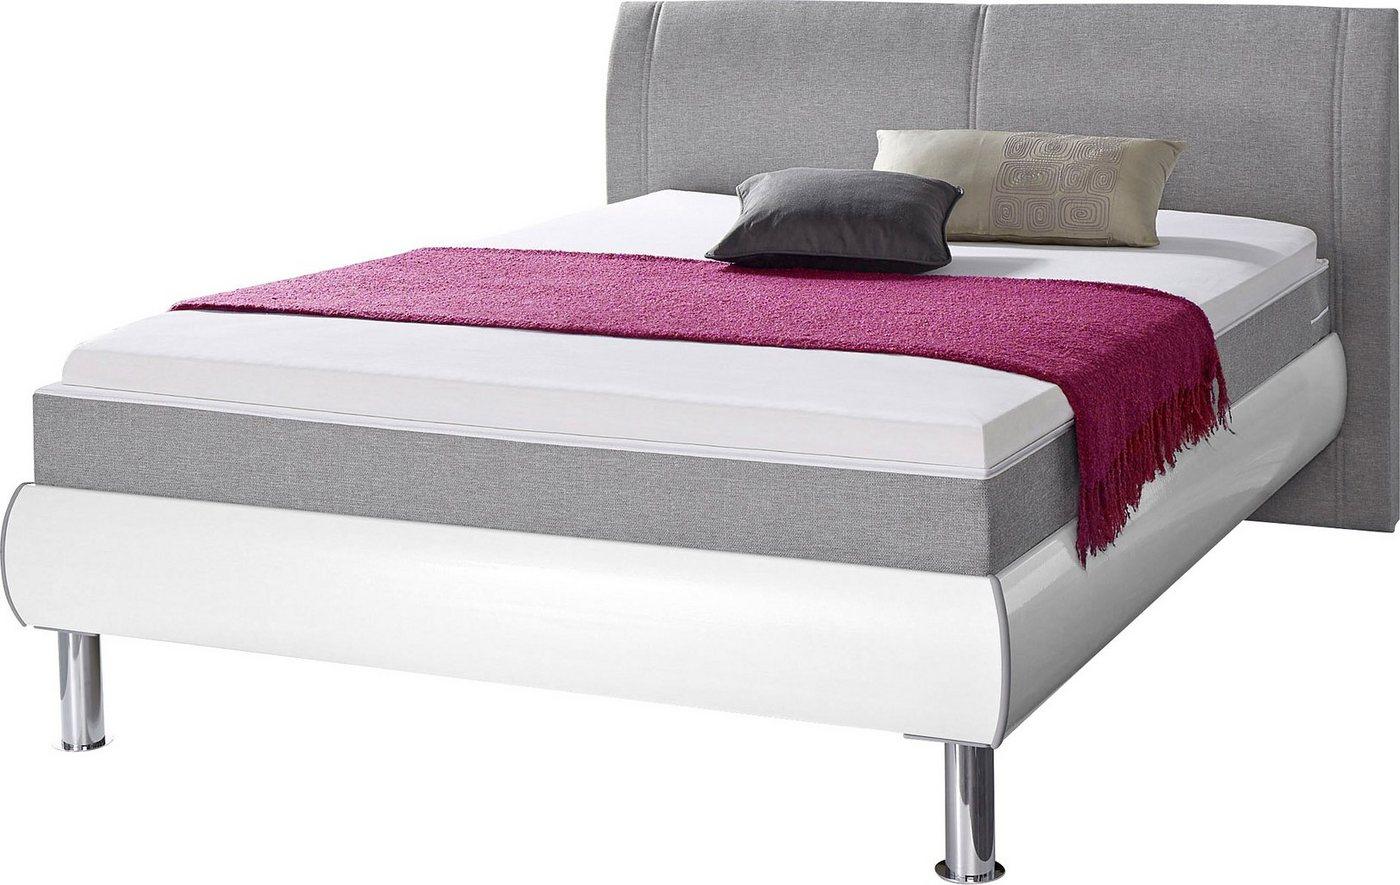 futonbett mit matratze machen sie den preisvergleich bei nextag. Black Bedroom Furniture Sets. Home Design Ideas